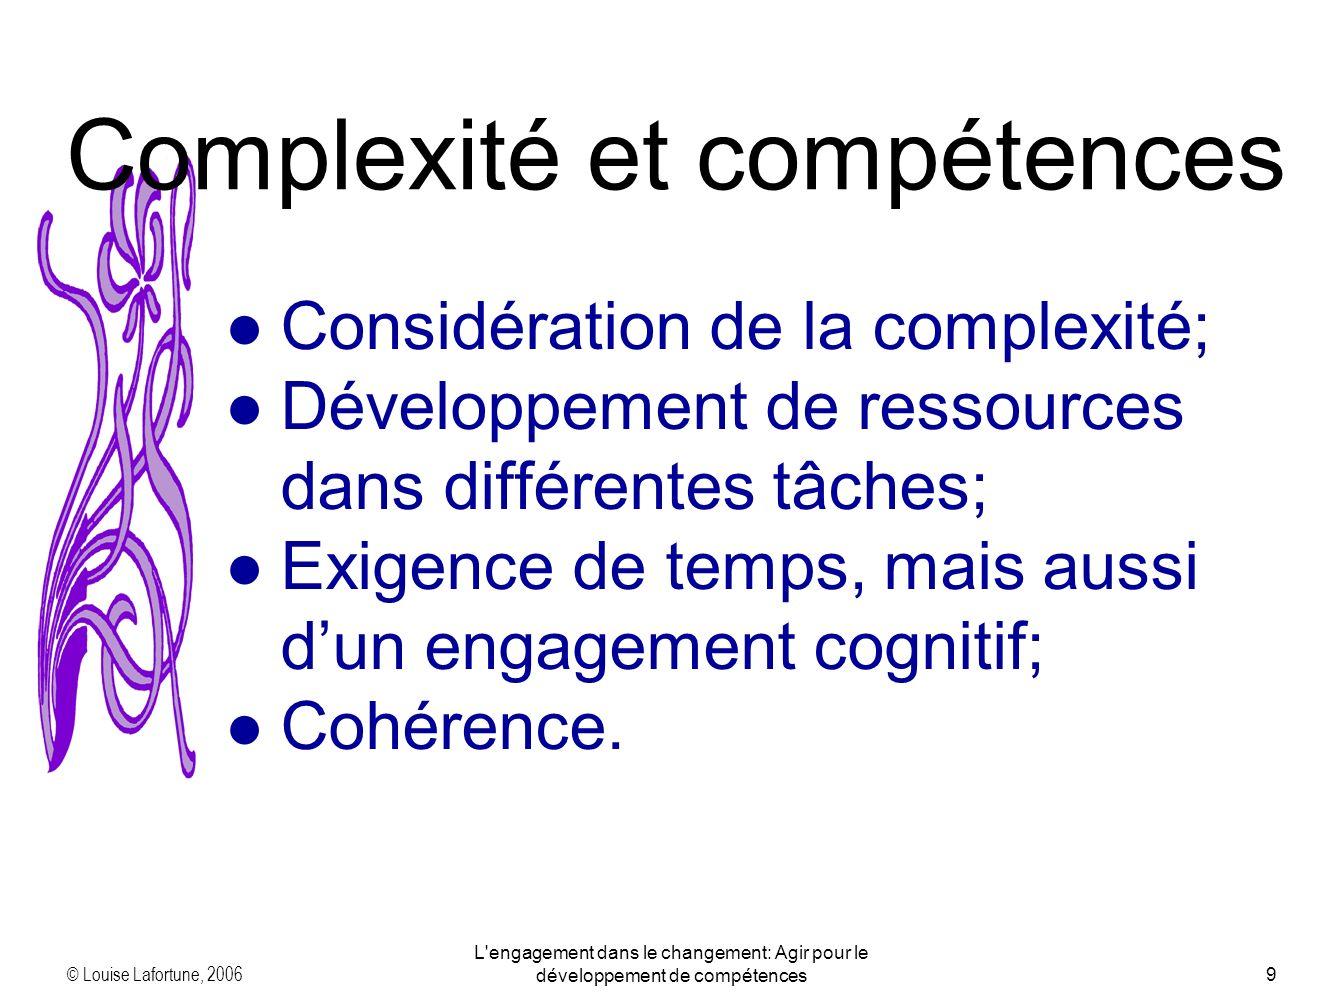 © Louise Lafortune, 2006 L'engagement dans le changement: Agir pour le développement de compétences9 Complexité et compétences Considération de la com